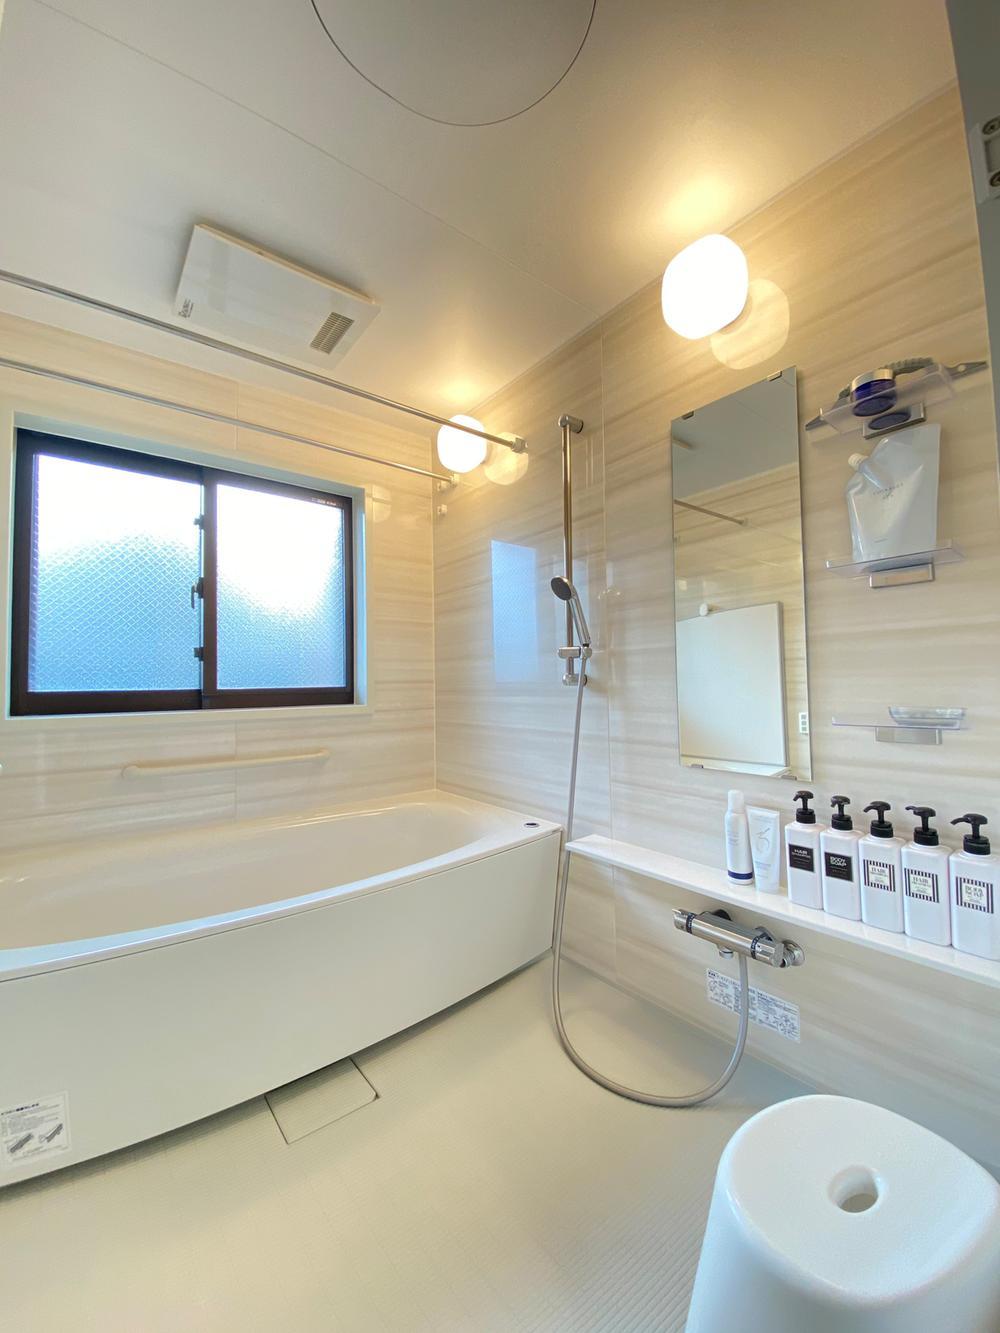 【窓付きのお風呂】<BR>マンションには珍しい窓付きのお風呂です。換気や明かりとりとしても便利に活用できます。